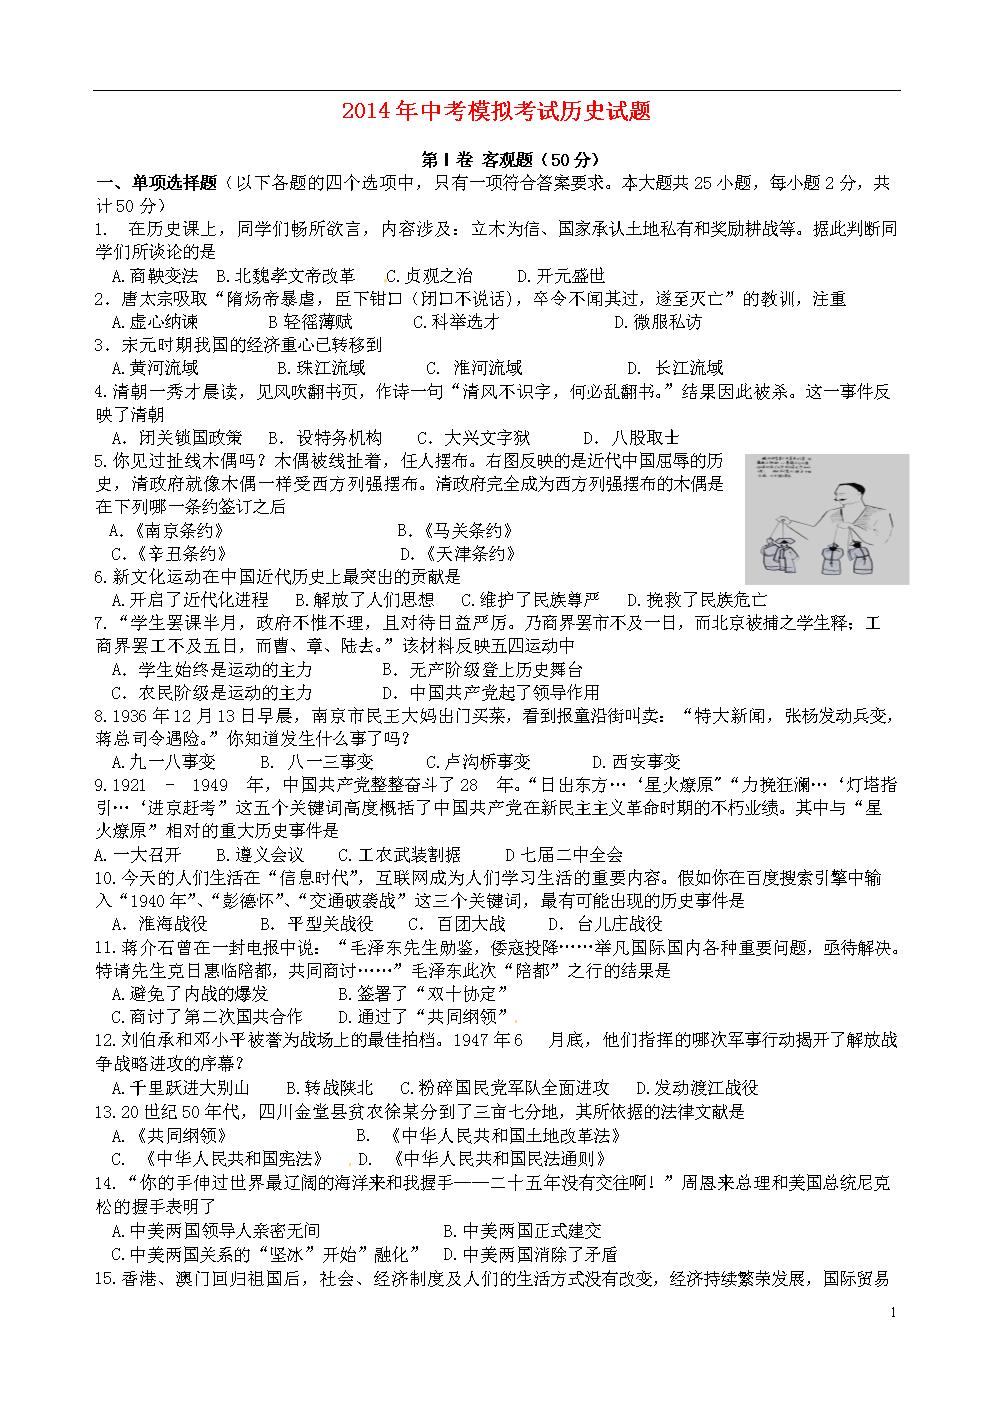 江苏省镇江市六校2014年中考历史5月模拟考试试题.doc图片